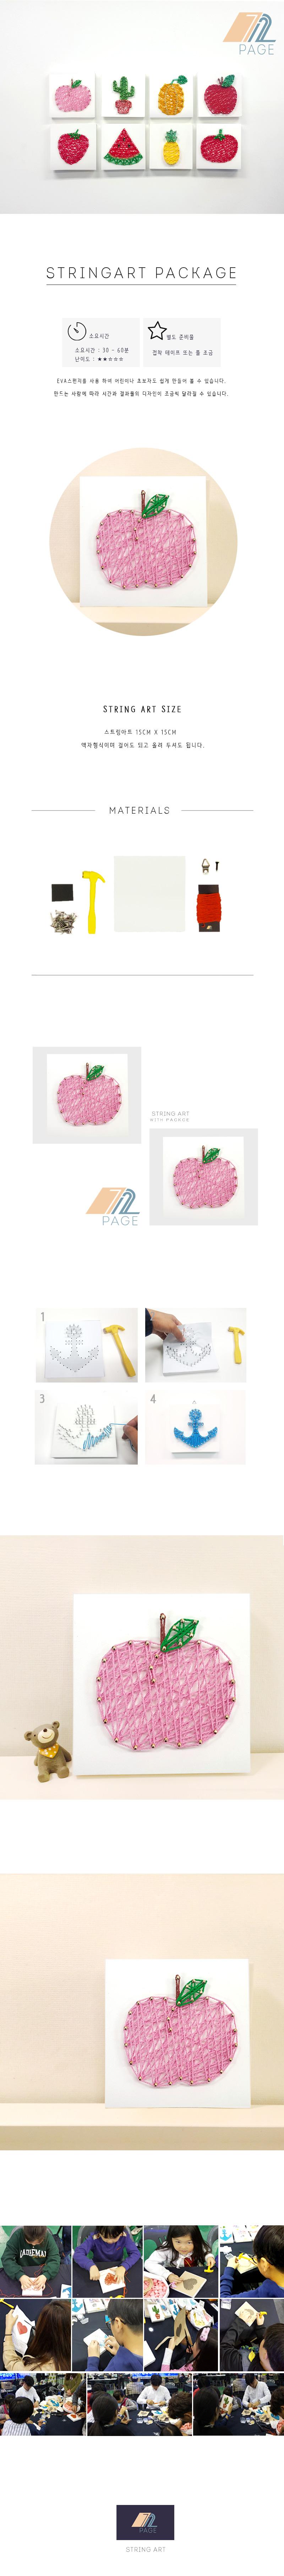 꼬마 복숭아 스트링아트 만들기 패키지 DIY (EVA) - 72페이지, 10,000원, DIY그리기, 스트링아트